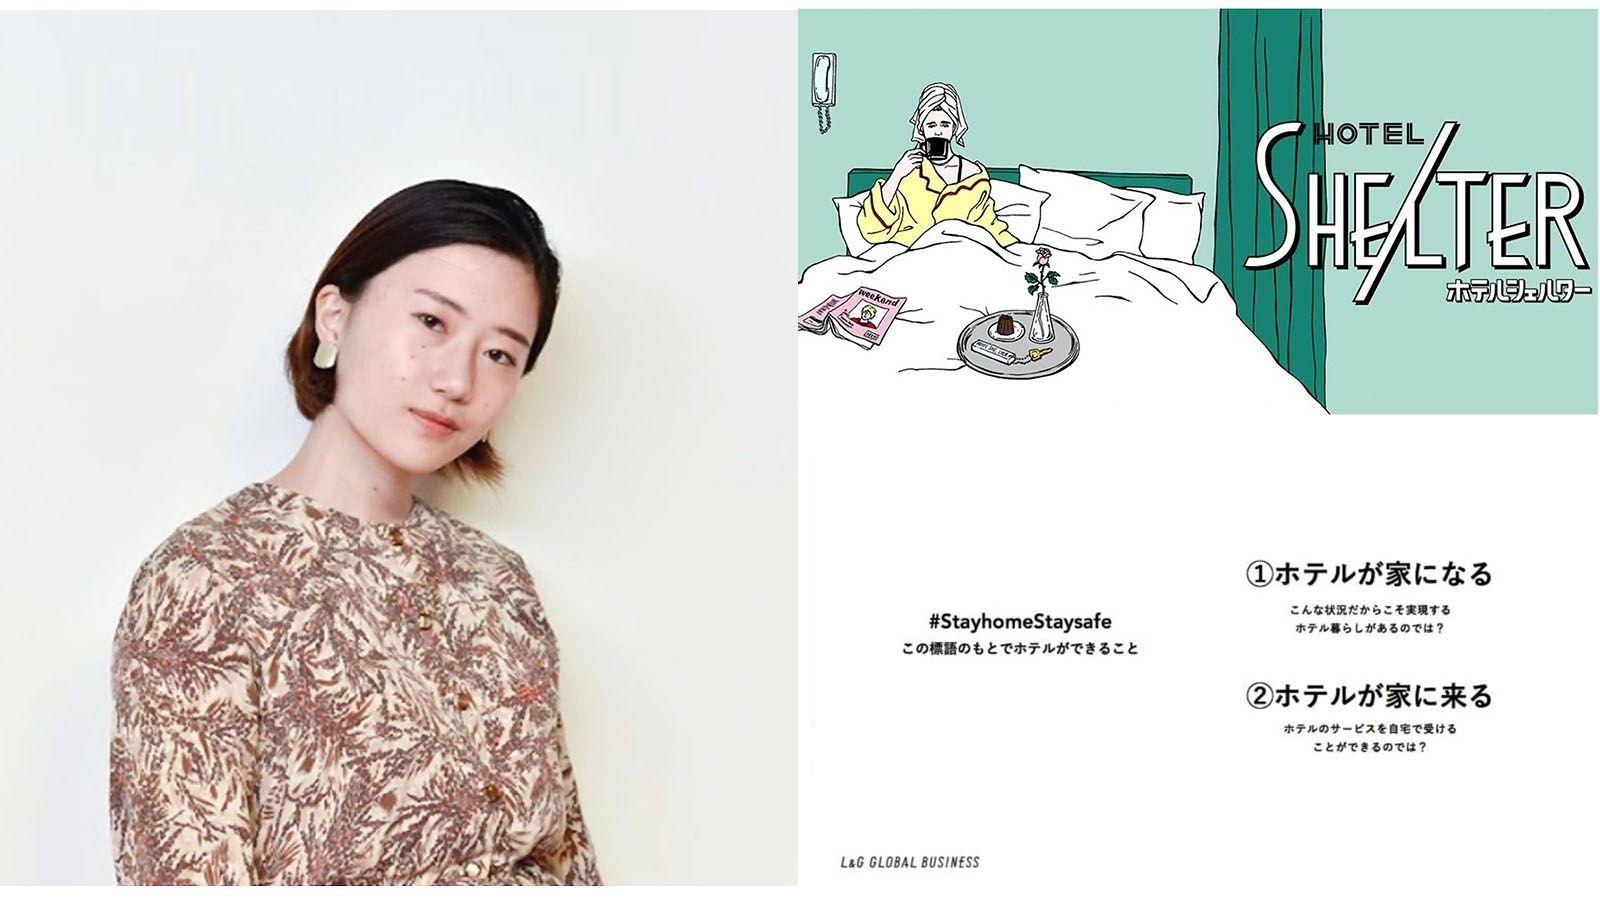 ホテルを避難場所に。医療従事者はじめ「家が安全でない人」のためのシェルター化計画│龍崎翔子